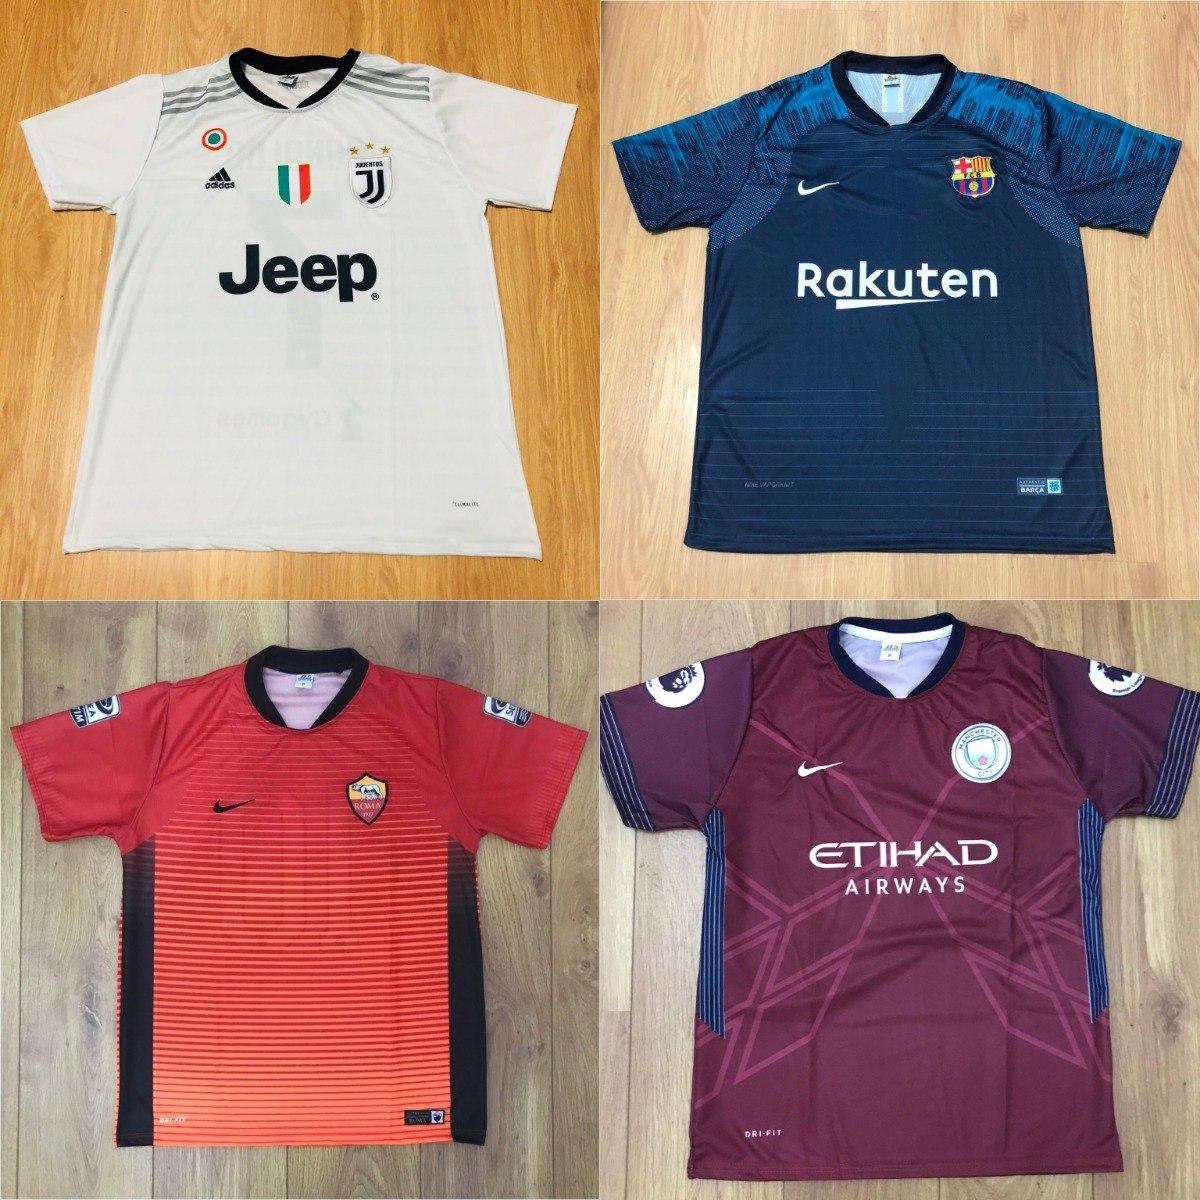 Kit 5 Camisetas De Time Camisas De Futebol 100 Modelos 2018 - R  119 ... 01a6eb9ca0846